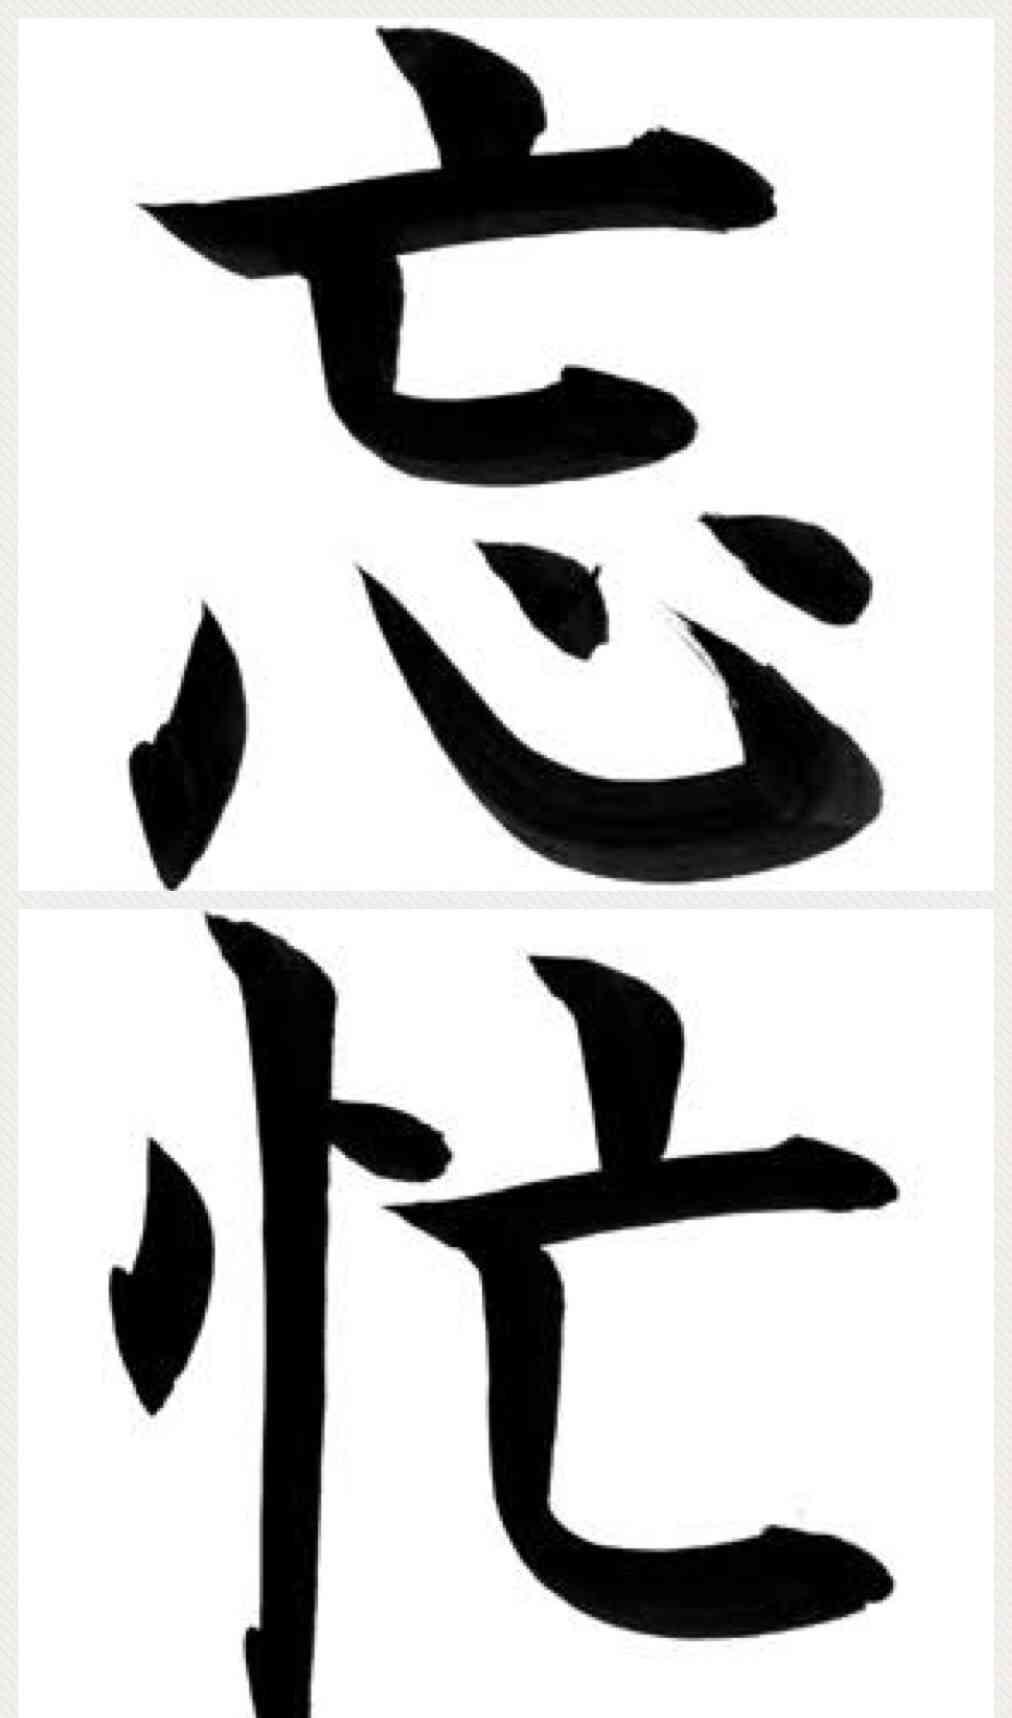 個人的に好きな漢字